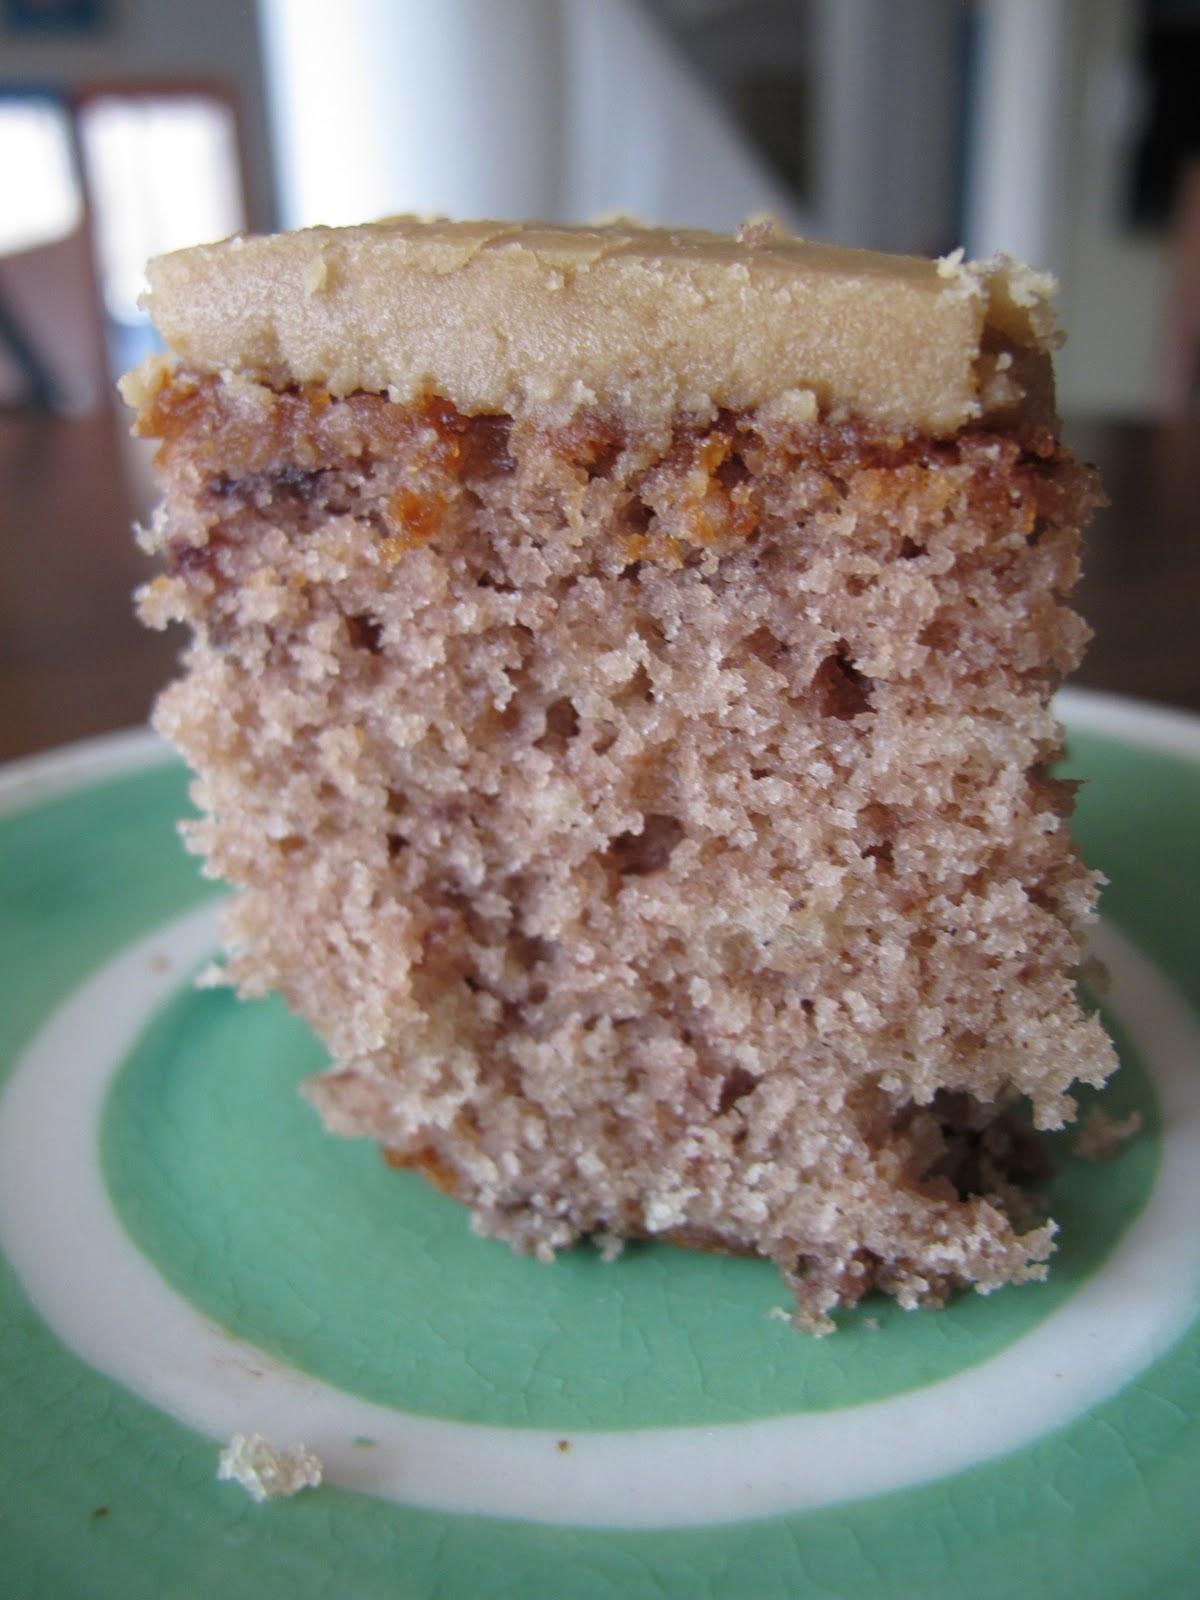 Jam Cake With Caramel Icing